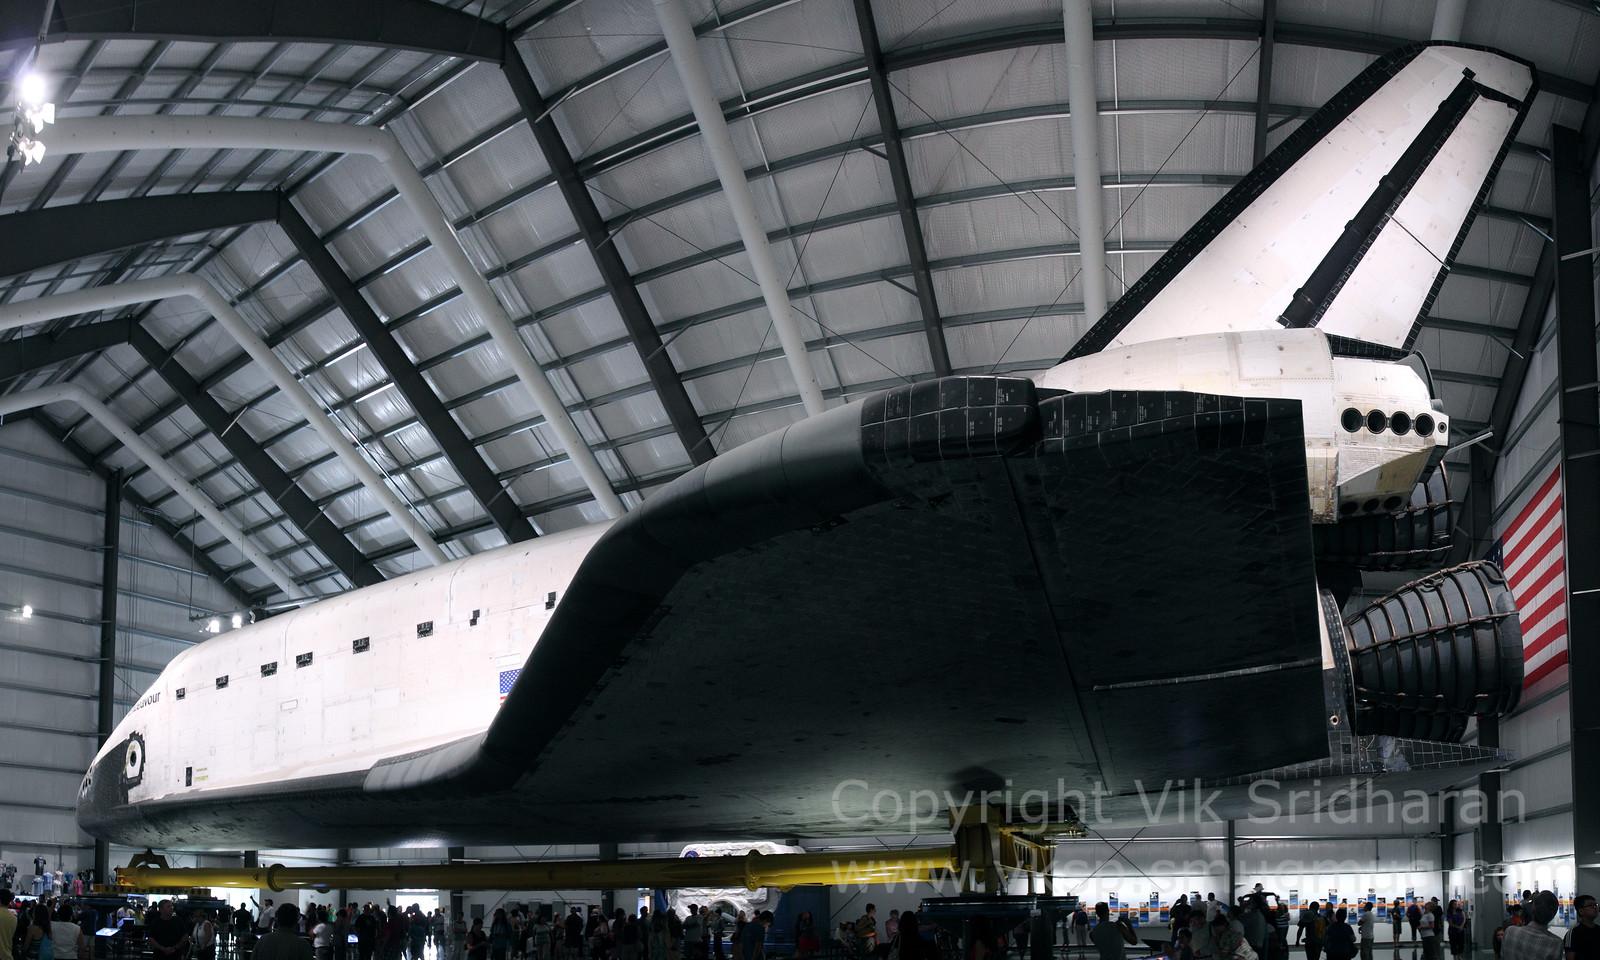 http://www.vksphoto.com/Airplanes/Air-Shows/Panoramas-Composites/i-j5pF7FV/0/X3/COMPOSITE1%207-27-13-X3.jpg